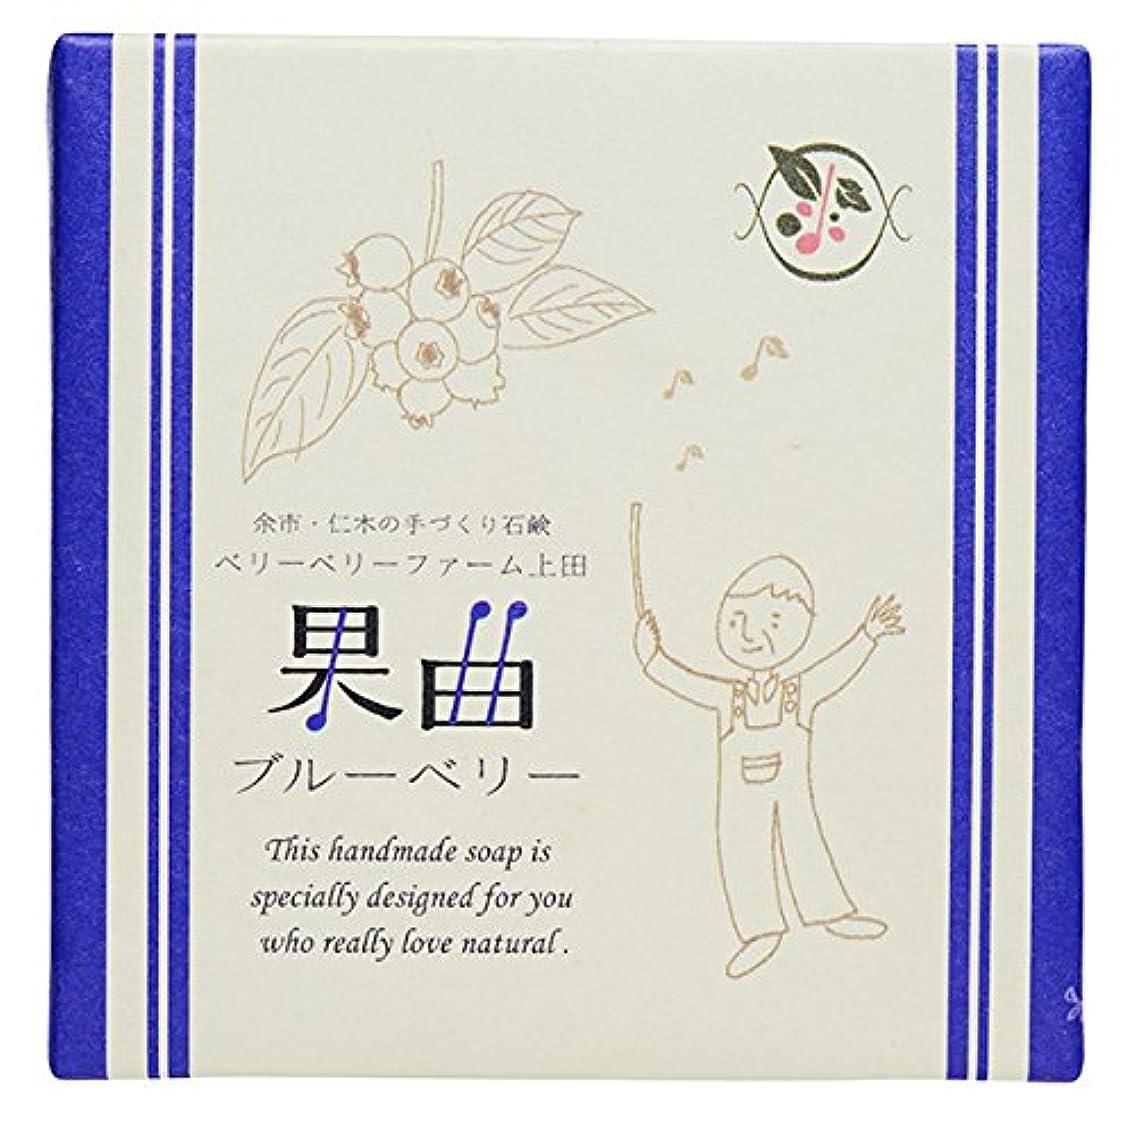 返済鳴り響く汚れる余市町仁木のベリーベリーファーム上田との共同開発 果曲(ブルーベリー)純練り石鹸